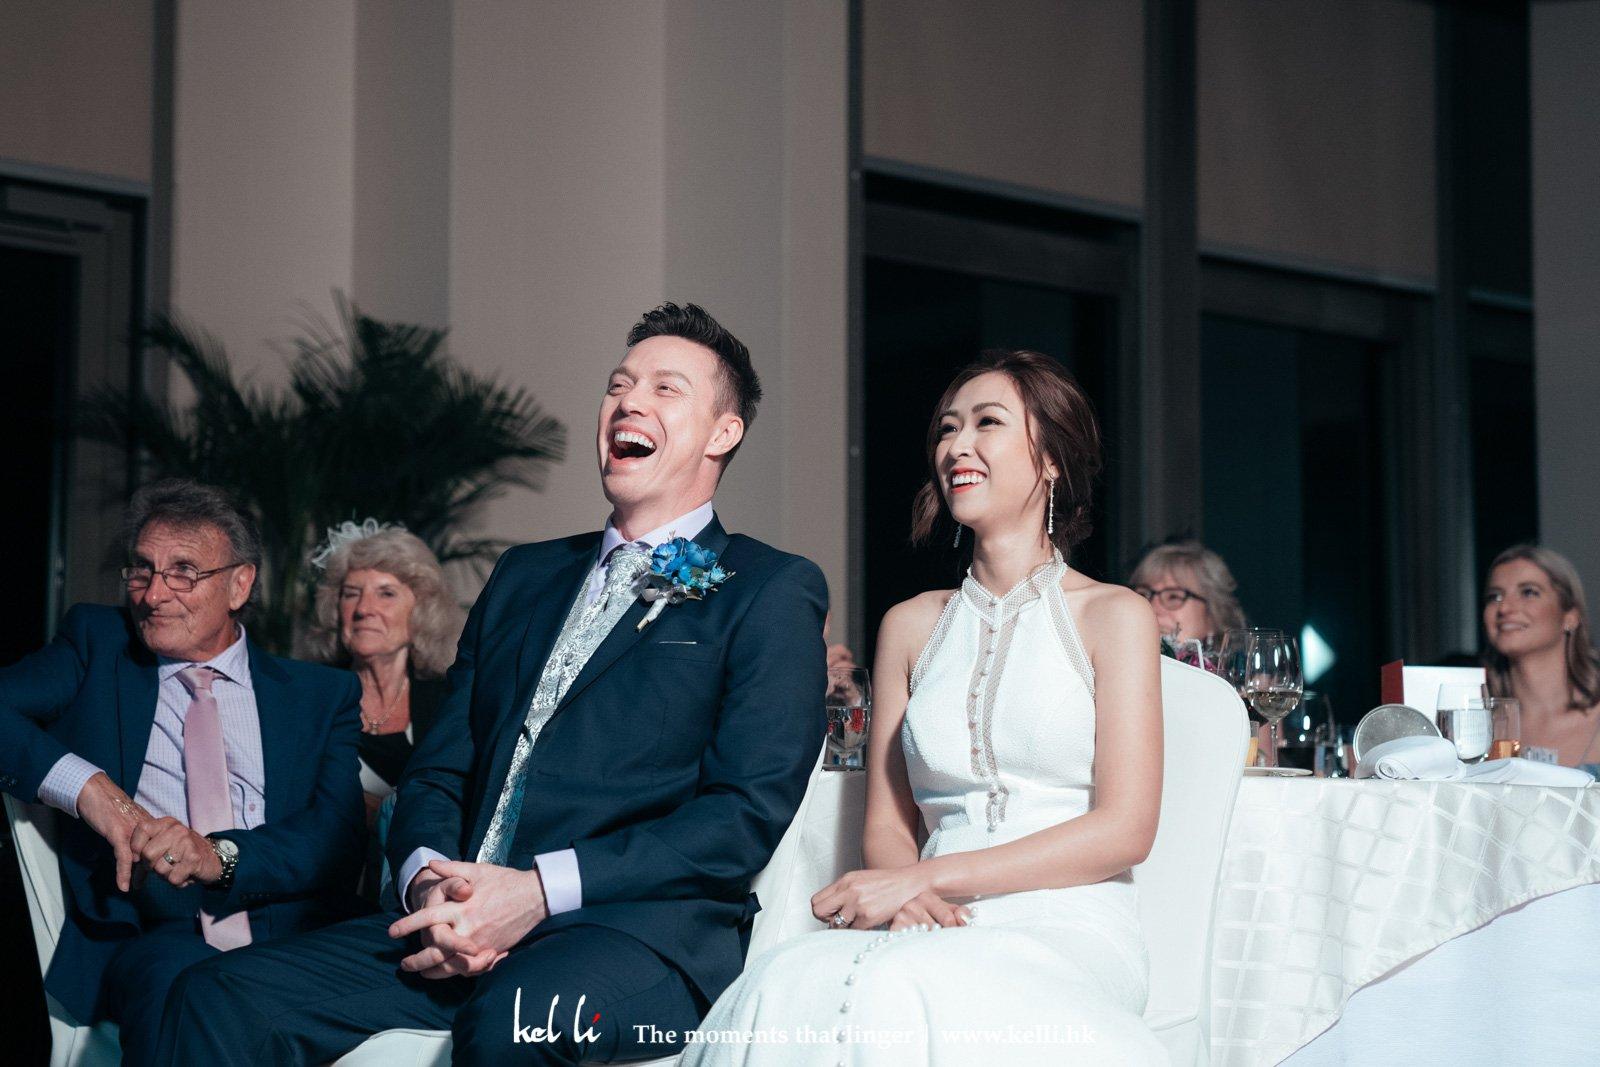 看著當天婚禮的slideshow有趣的畫面,不禁大聲起來